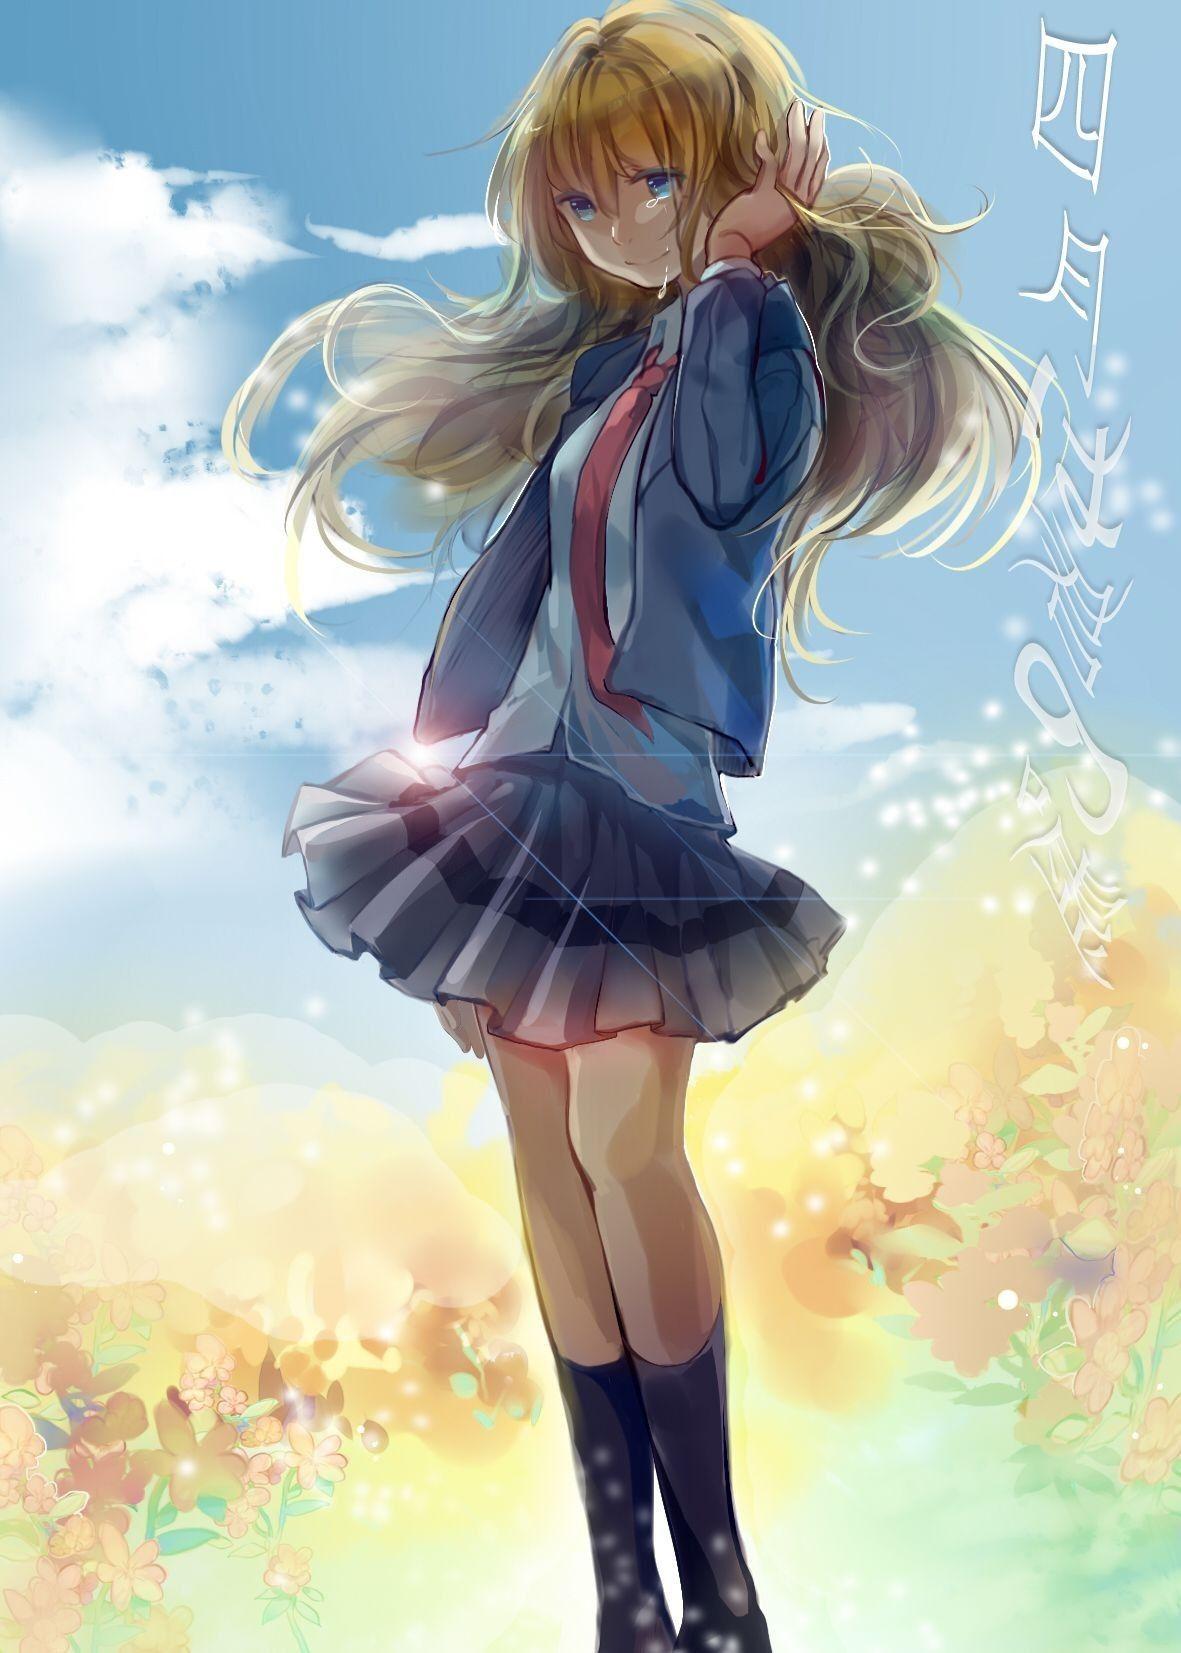 Épinglé par Kira Misaka sur Other Animes Anime, Manga, Jeux